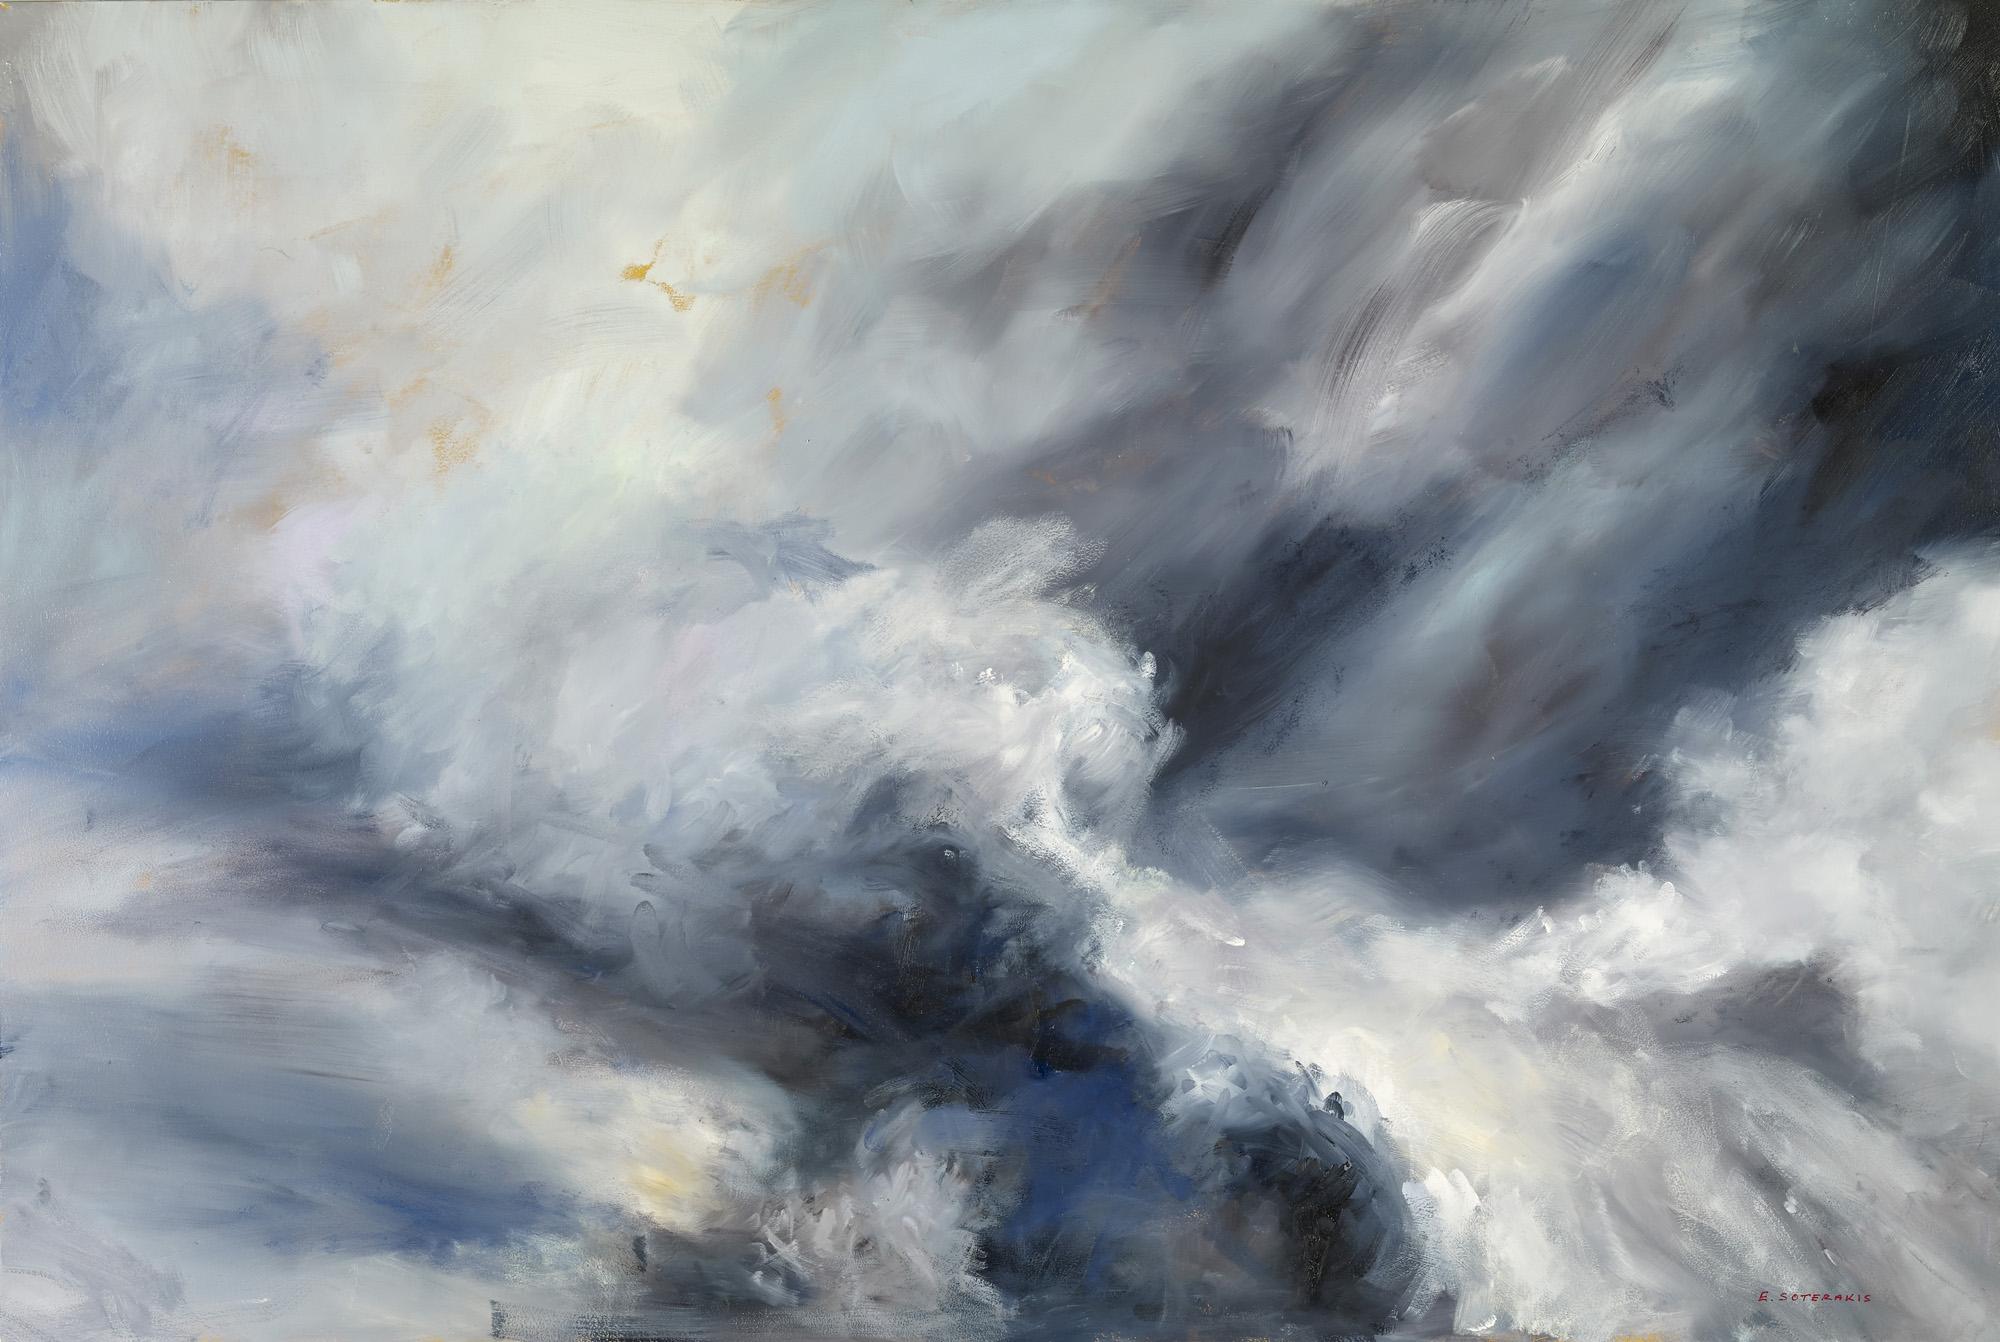 Tumultous Seas, #8, 2013 oil on panel 24 x 36 in.